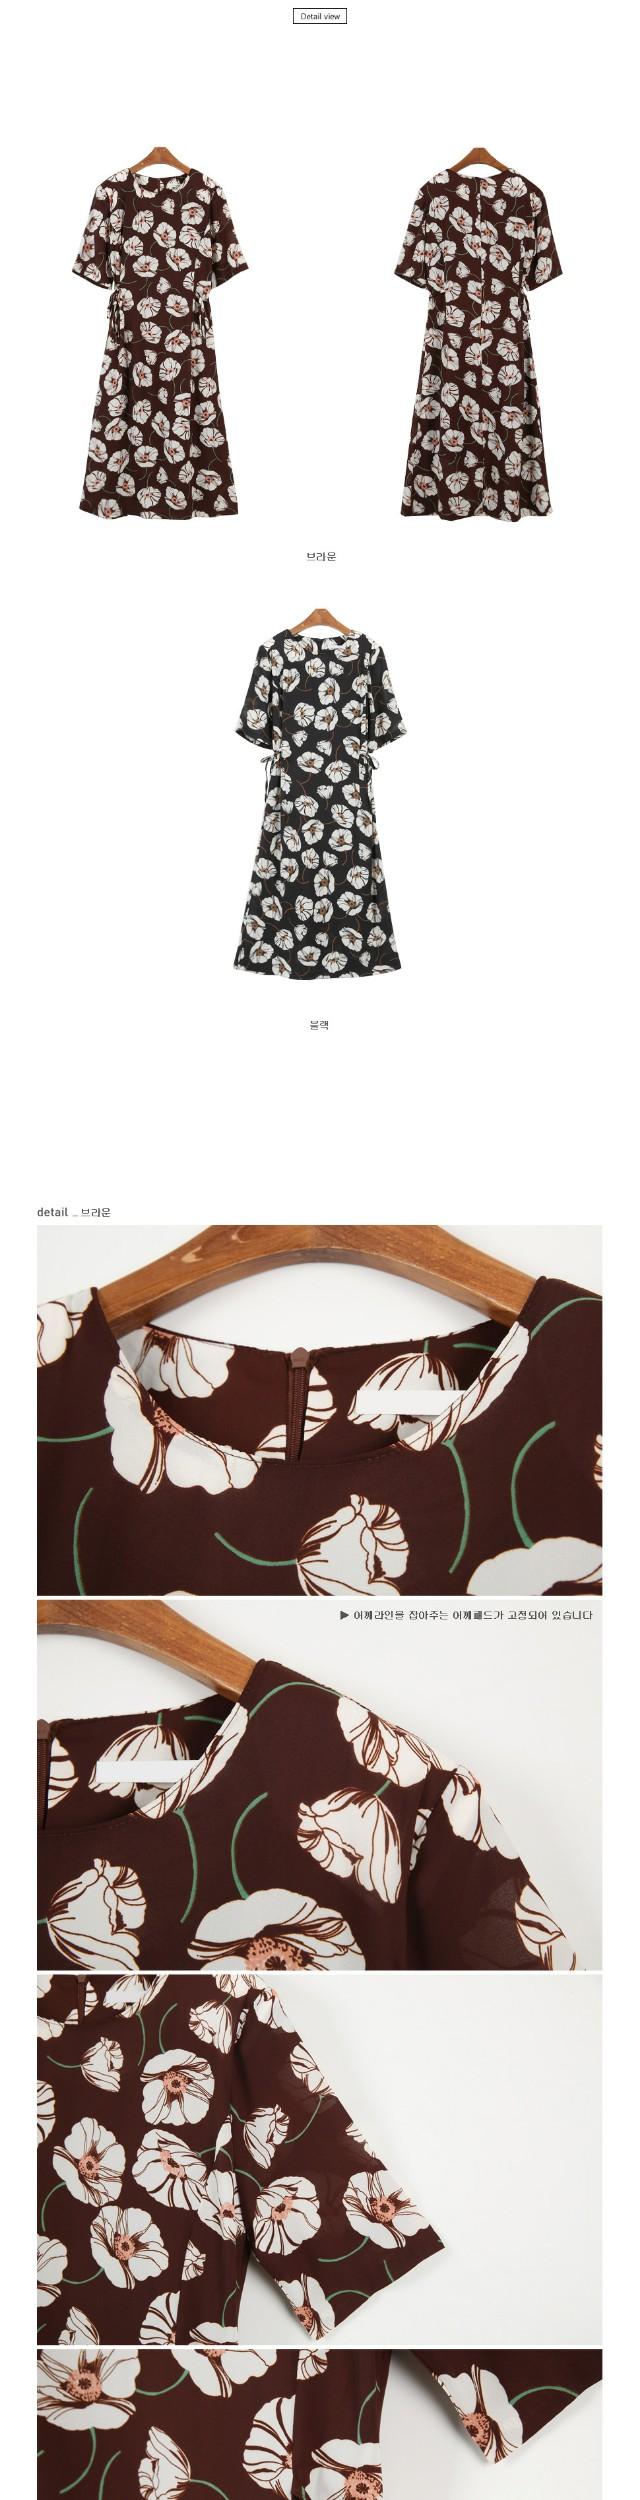 Rubin Flower Dress